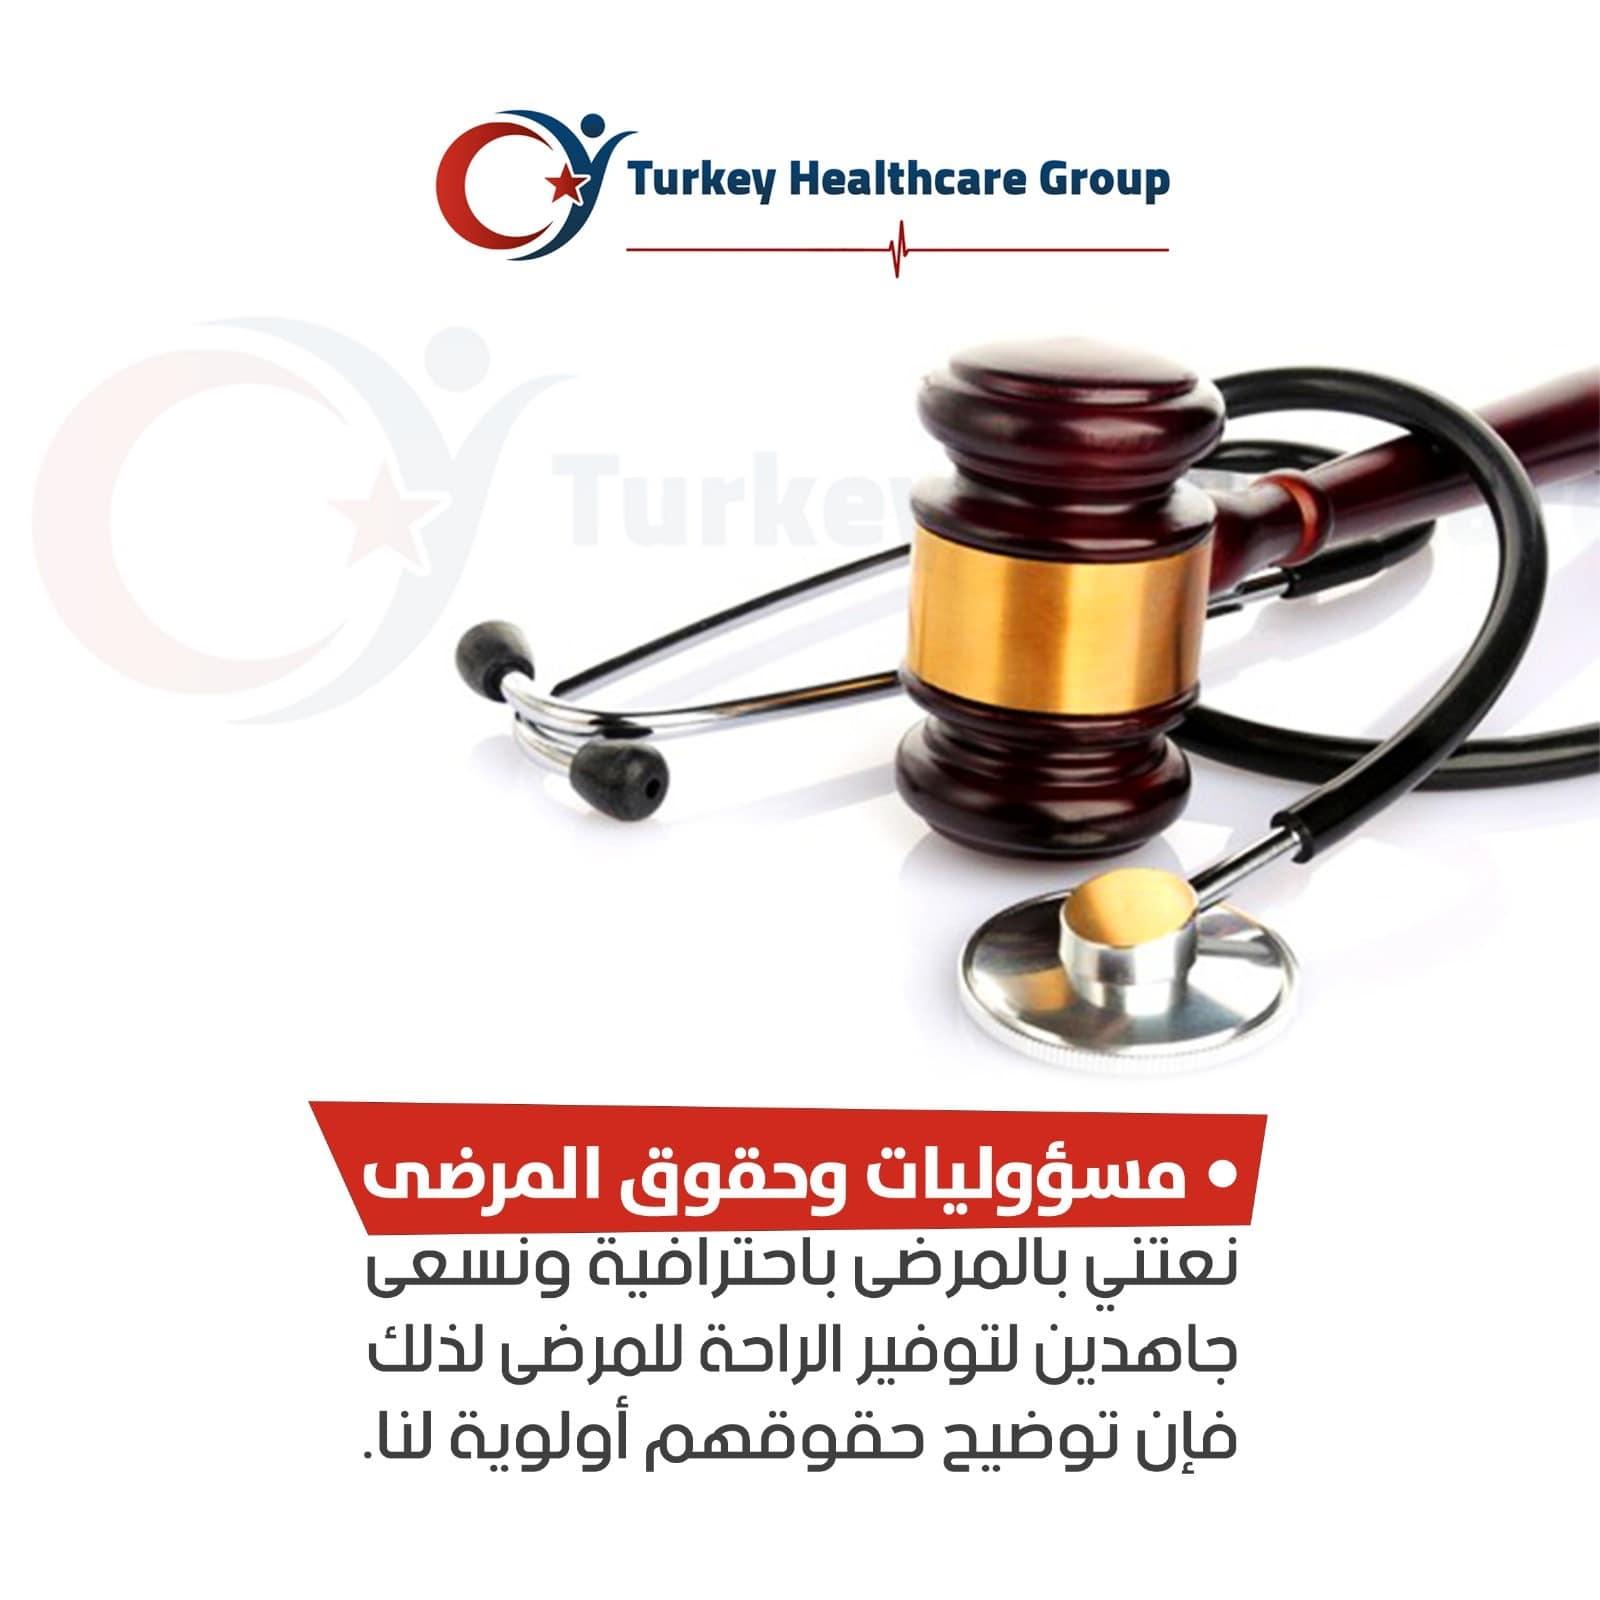 الرعاية وحقوق المرضى مجموعة تركيا للرعاية الصحية Turkey Healthcare Group